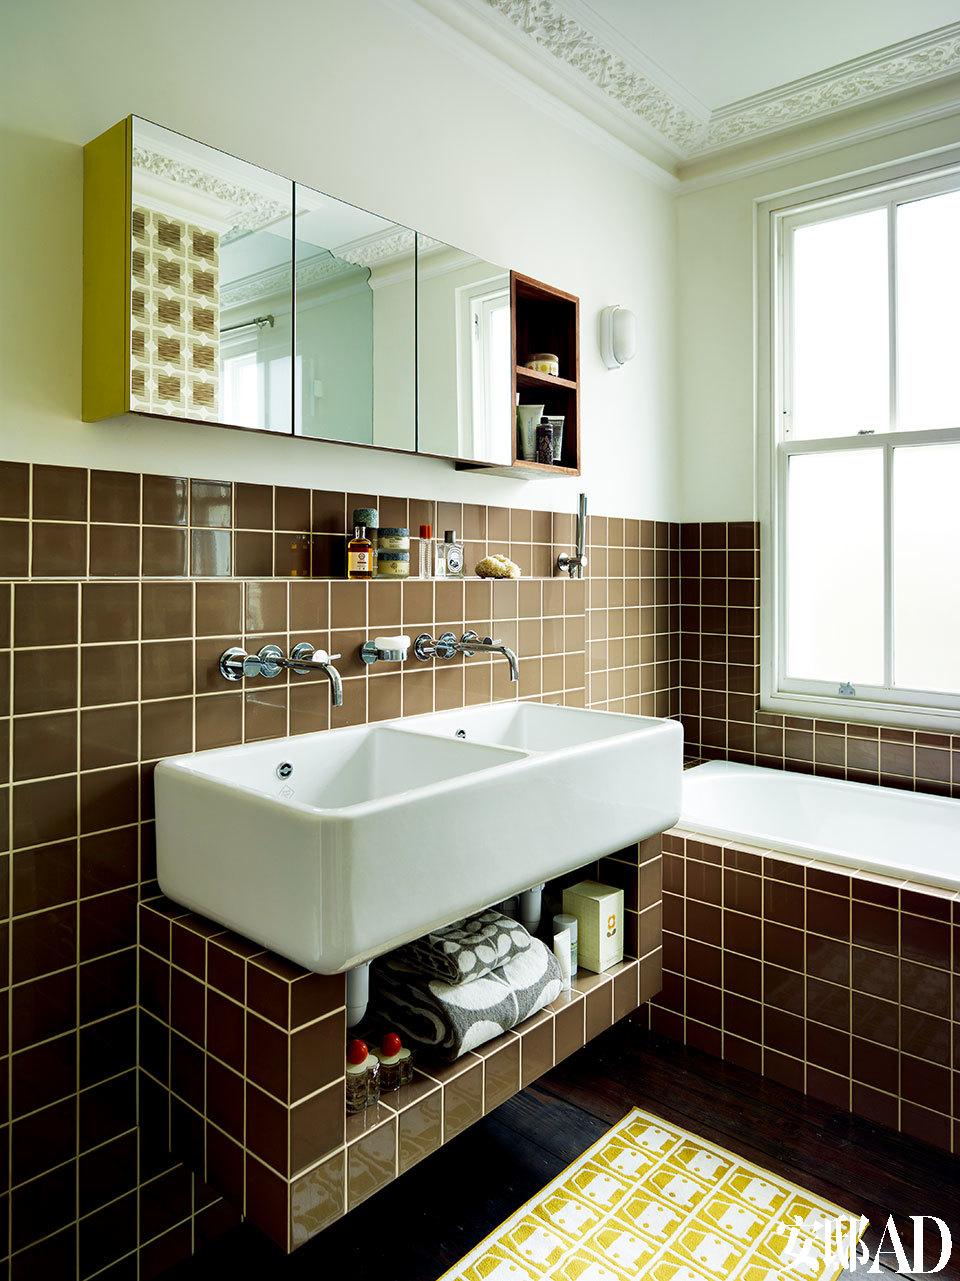 公用浴室中的褐色瓷砖依然出自Orla之手,公寓装修的剩余材料,还被运用到纽约的Orla Kiely店铺中,一点儿没浪费。